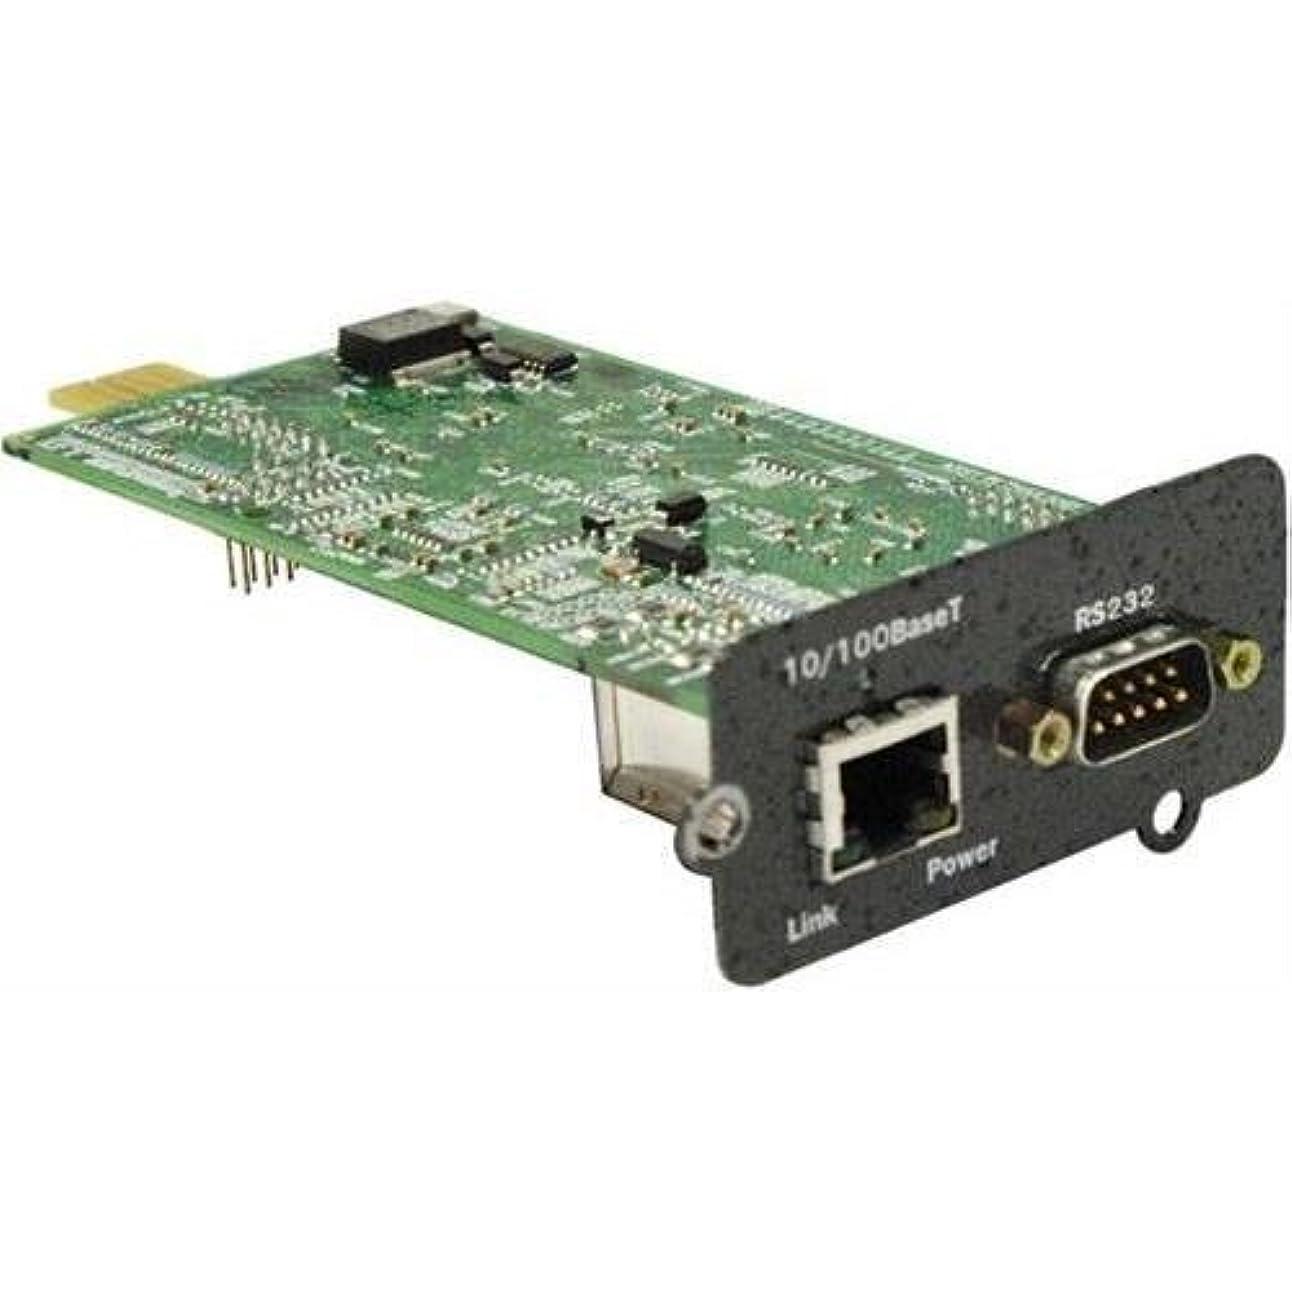 本部冊子パパLiebert Intellislot is-webcard管理Webカード、10?/ 100base - TX、シリアル